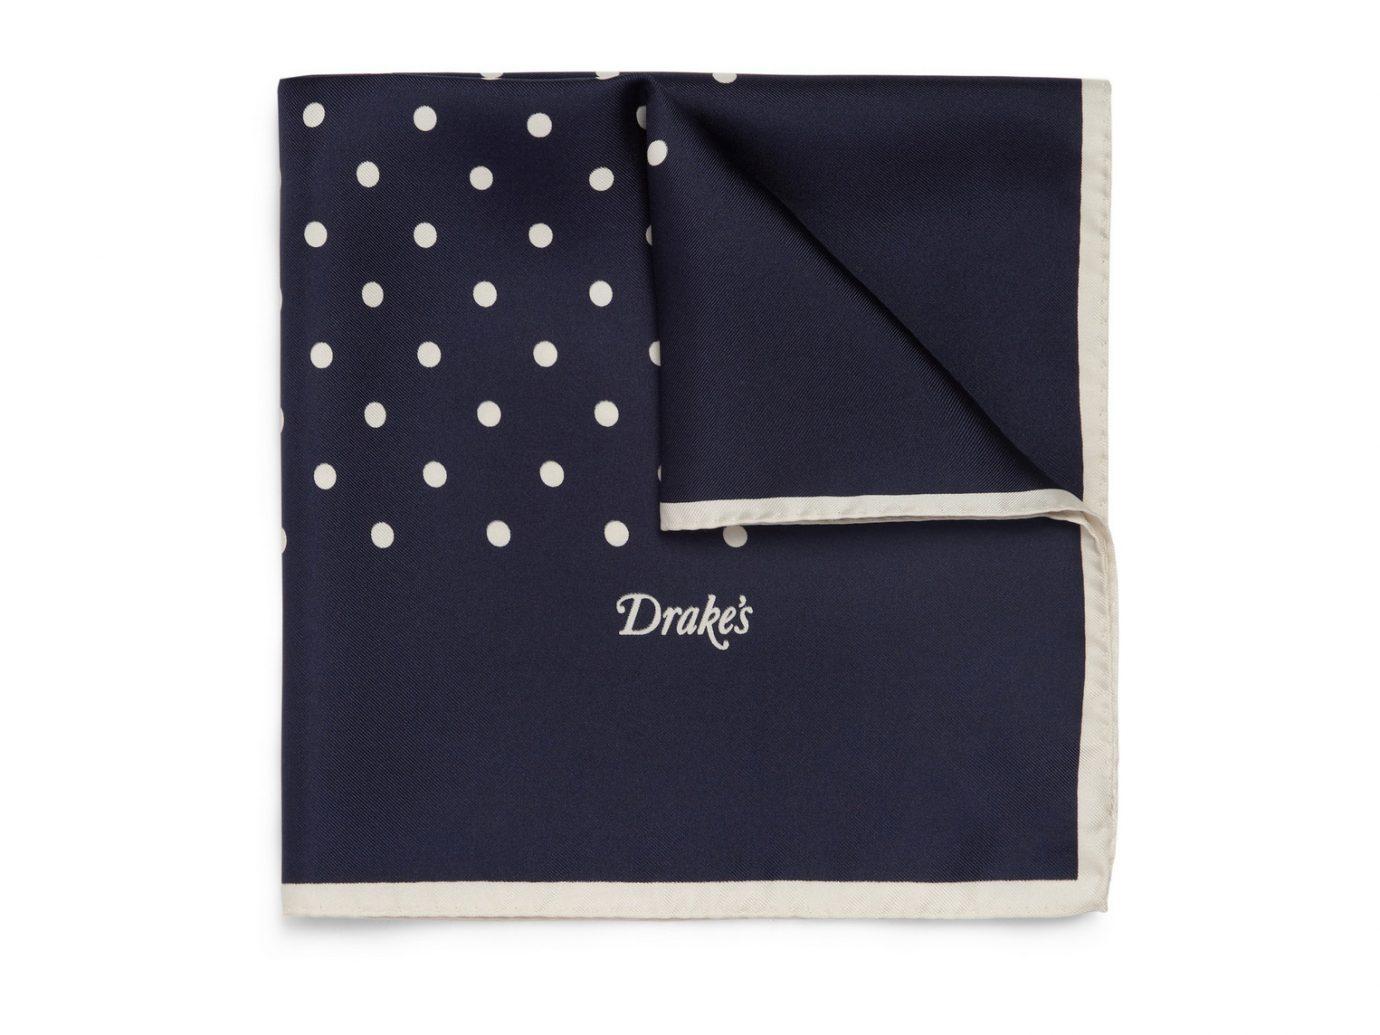 Drake's Polka-Dot silk pocket square